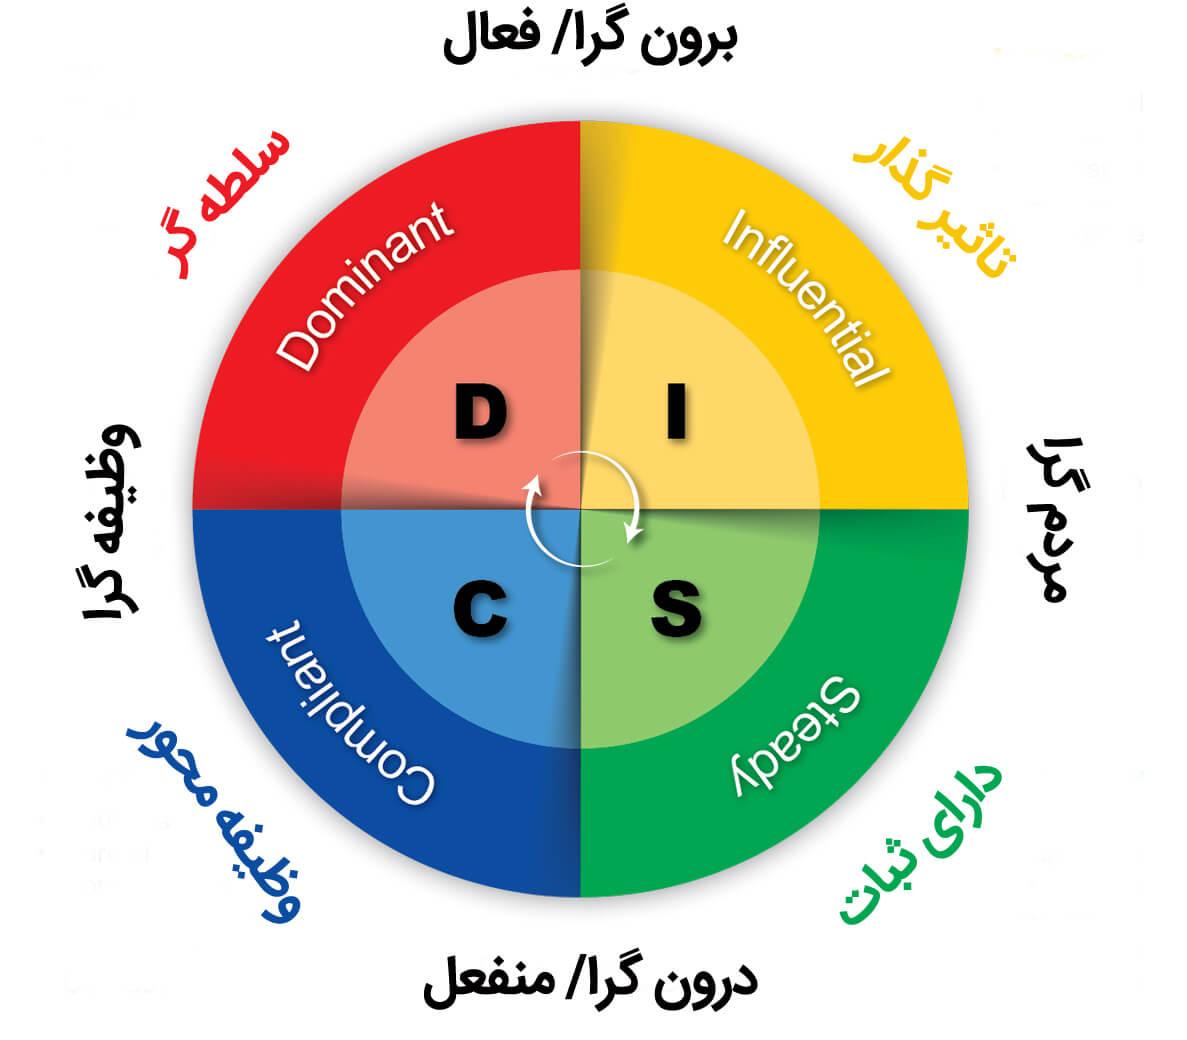 رفتار شناسی DISC 1